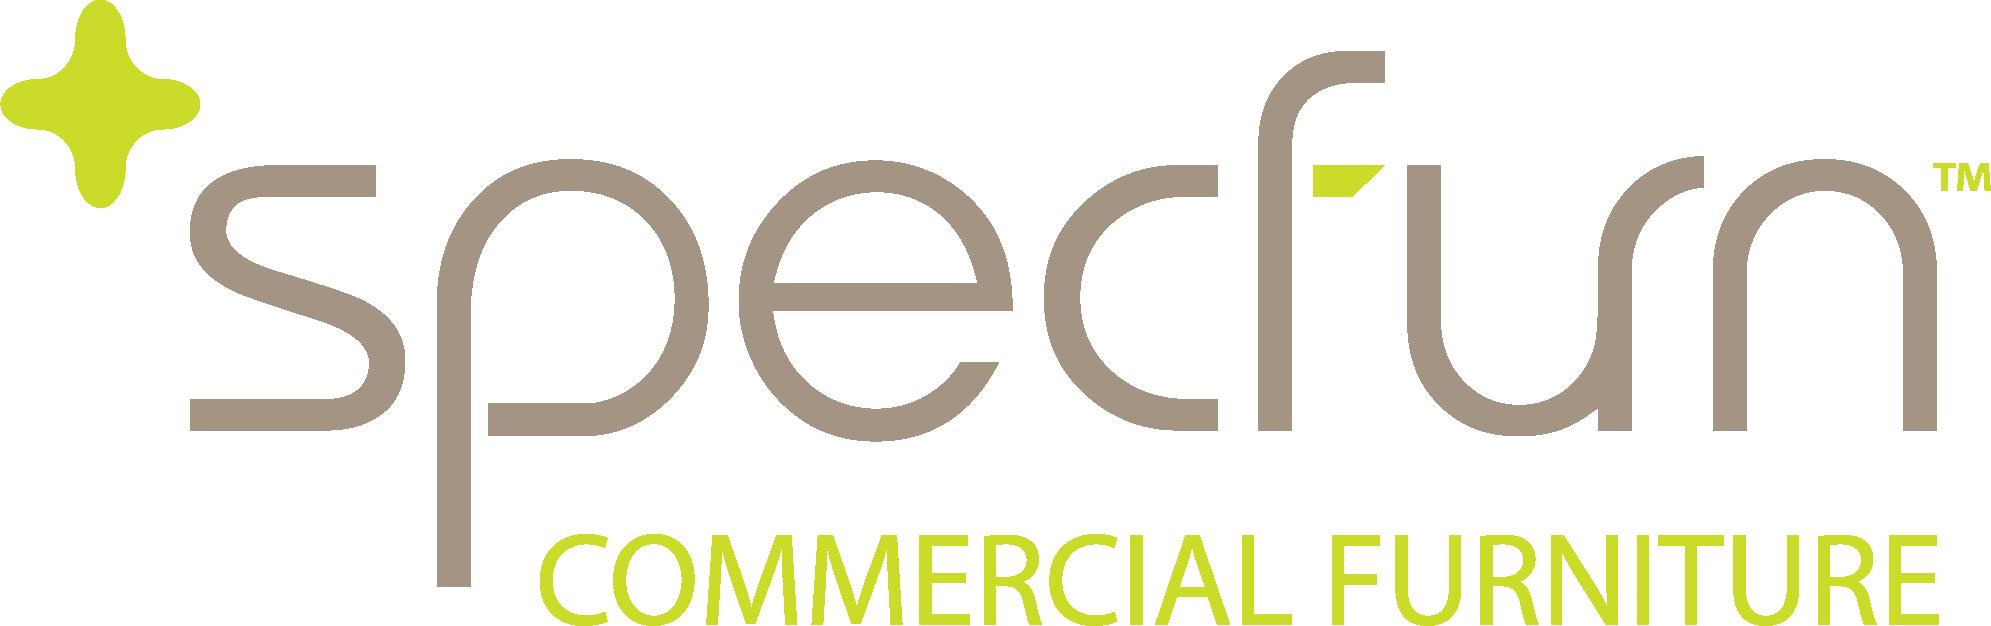 Specfurn Commercial Furniture Logo